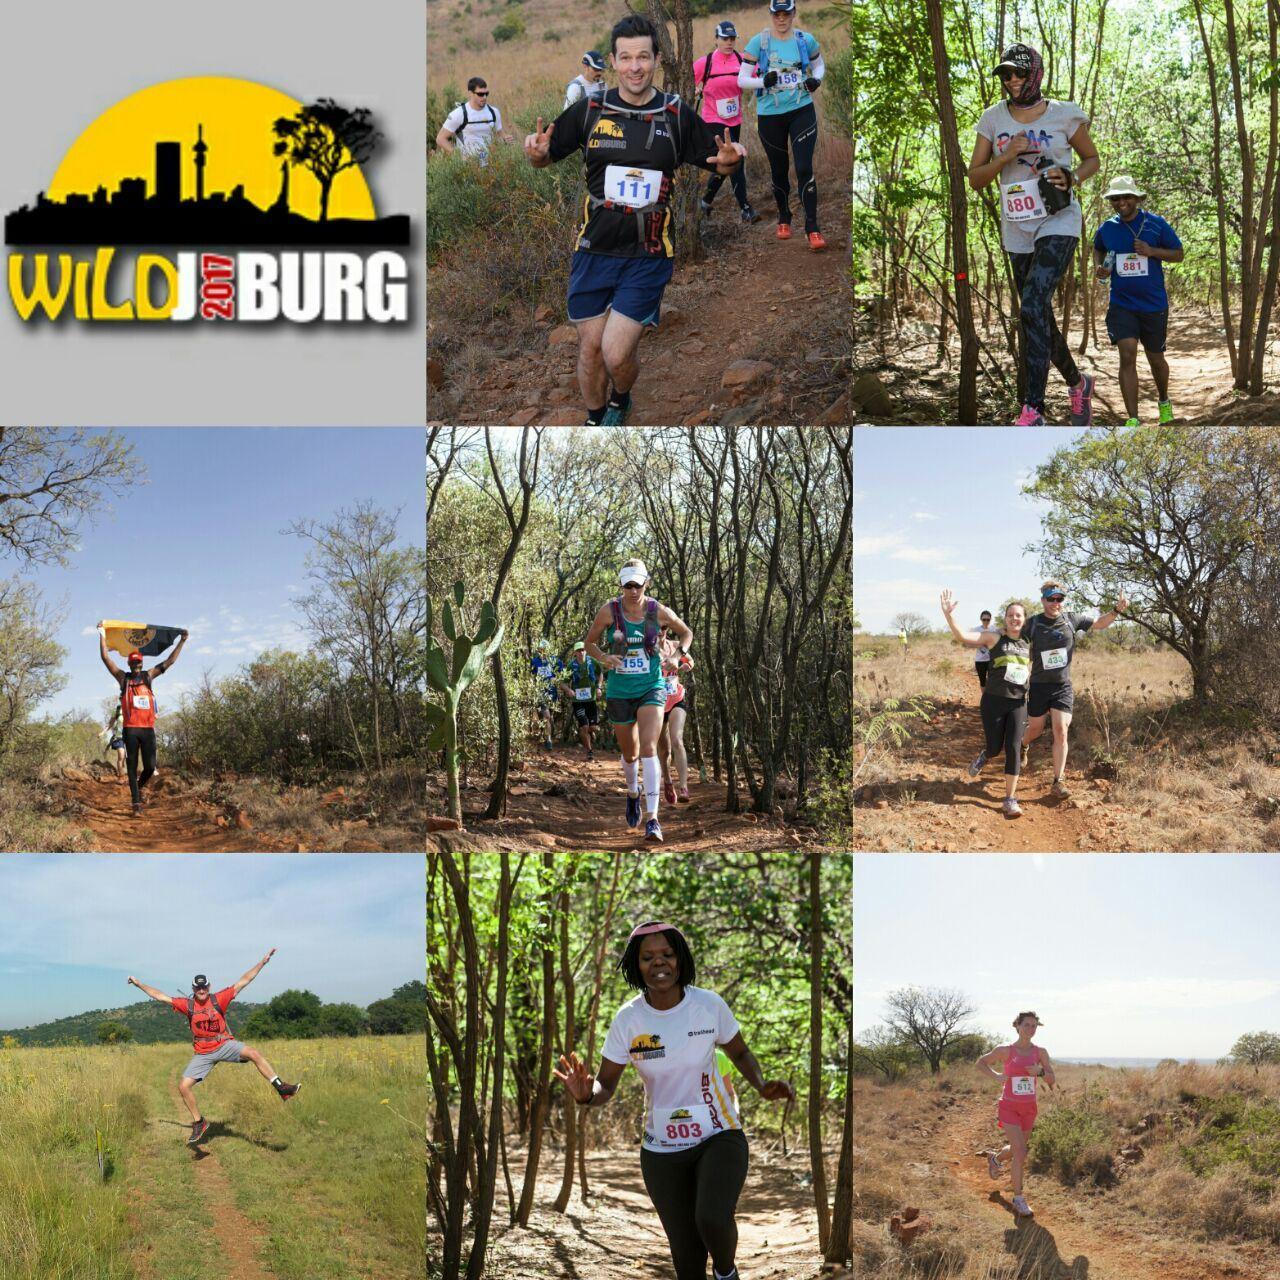 Wildjoburg Collage